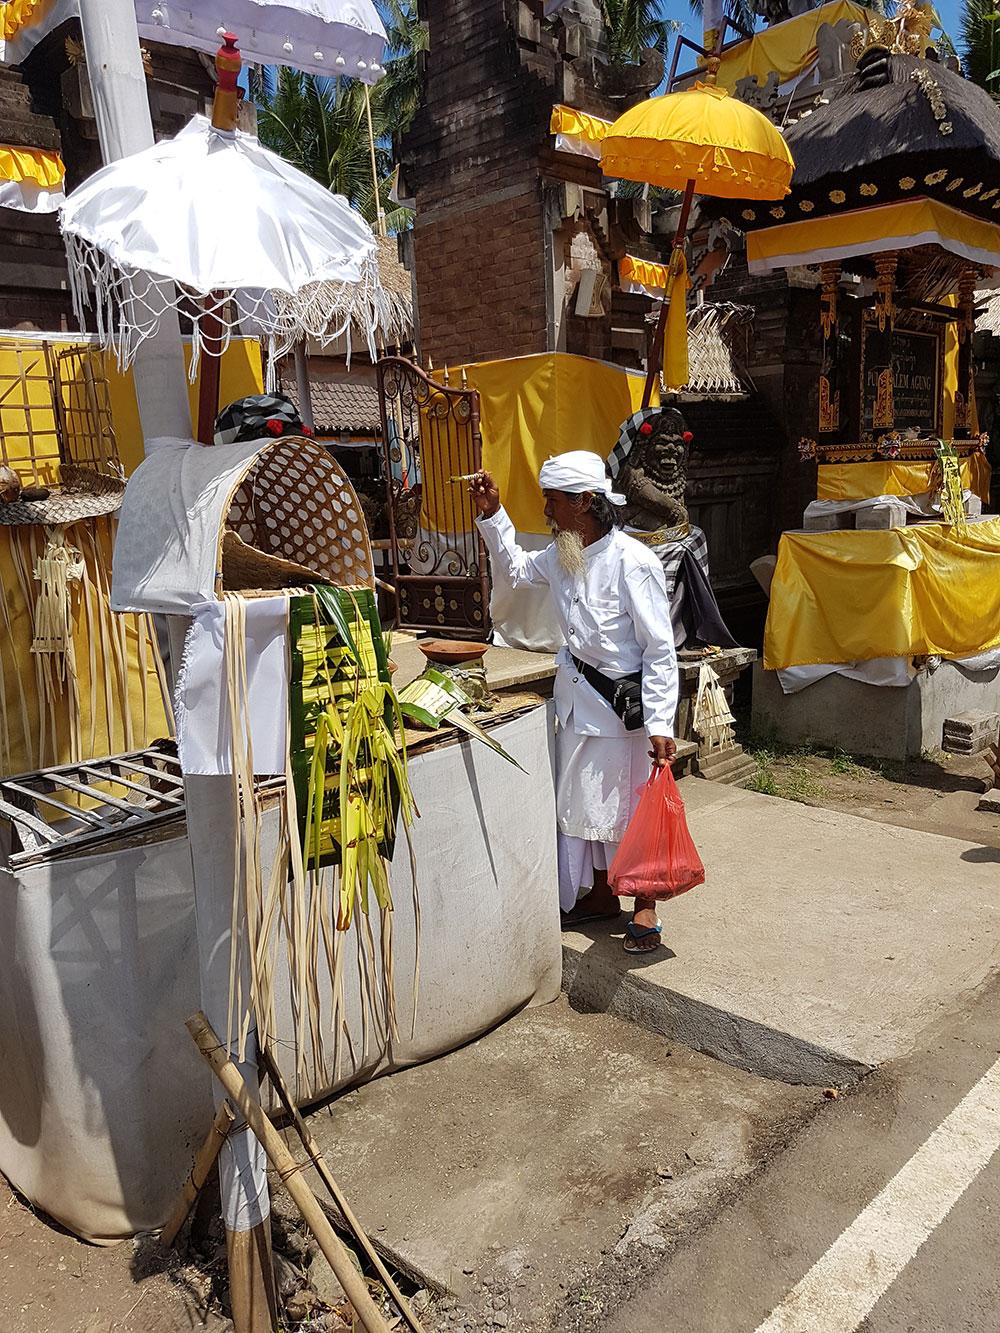 Bénédiction entrée temple balinais - Les Cro'coeurs Blog voyage